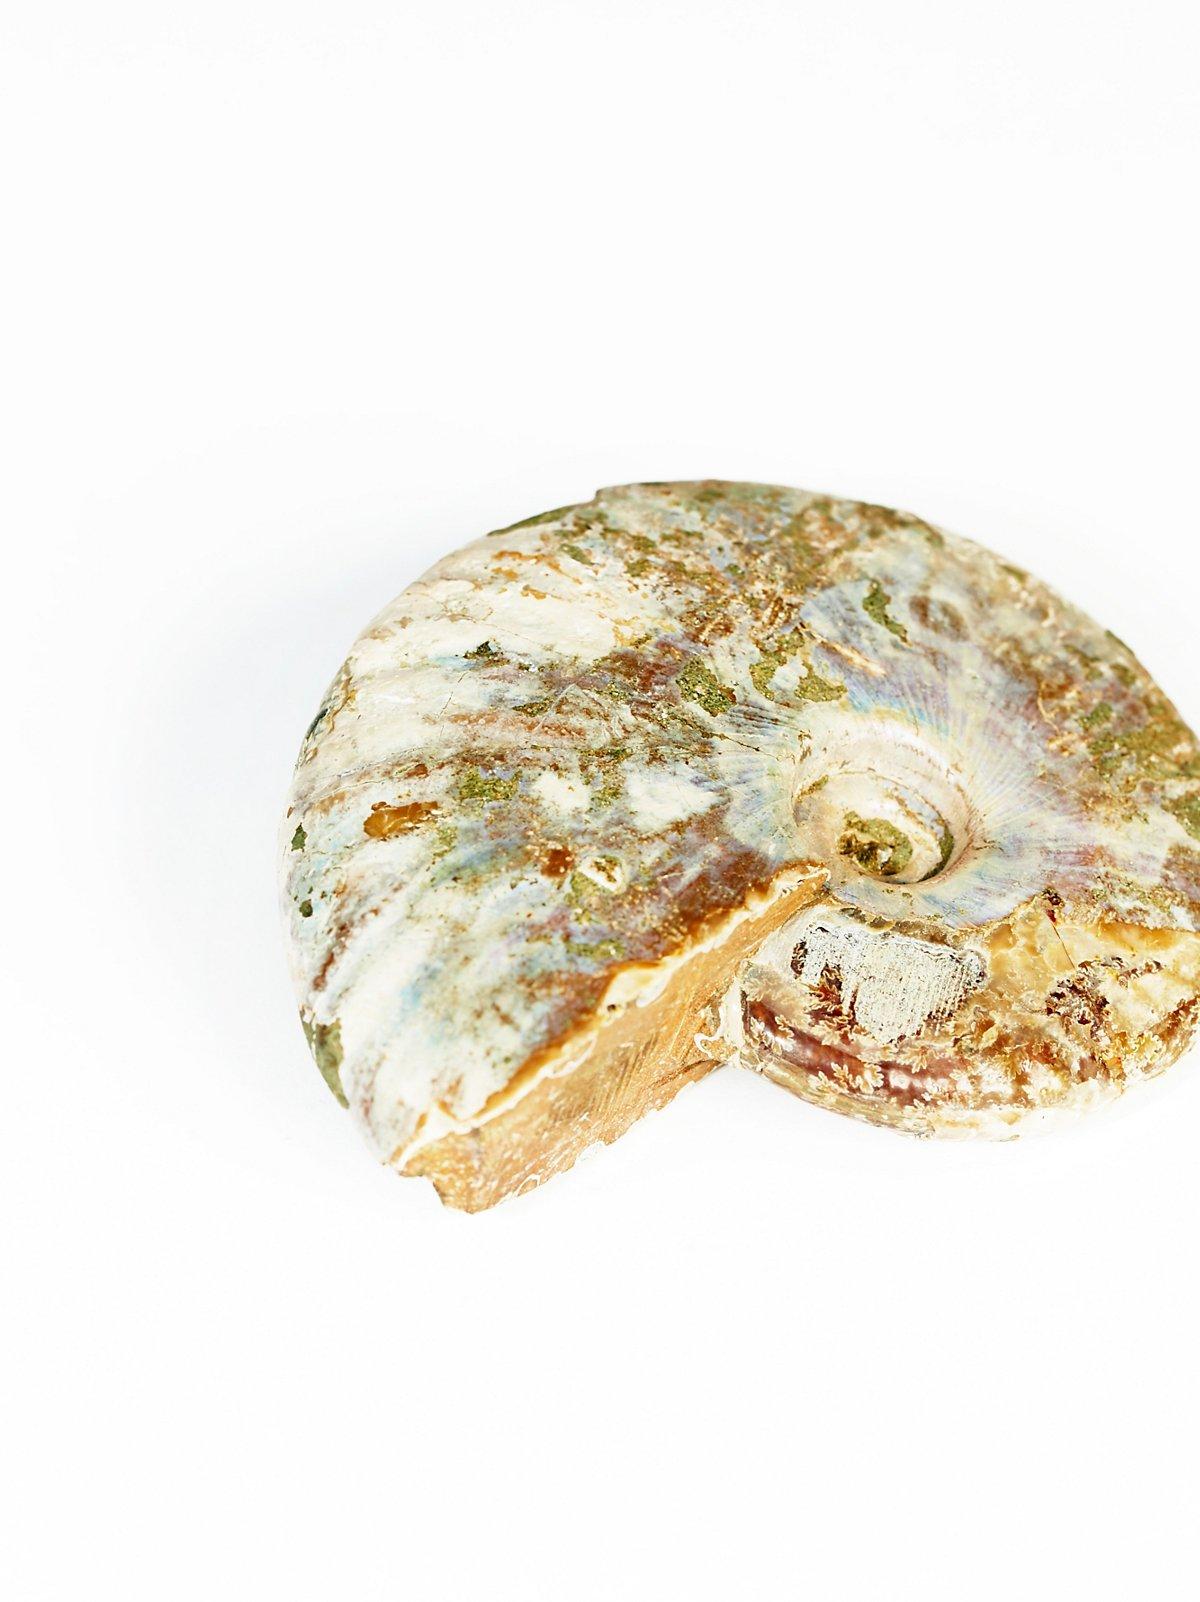 Vintage Ammonite Fossil